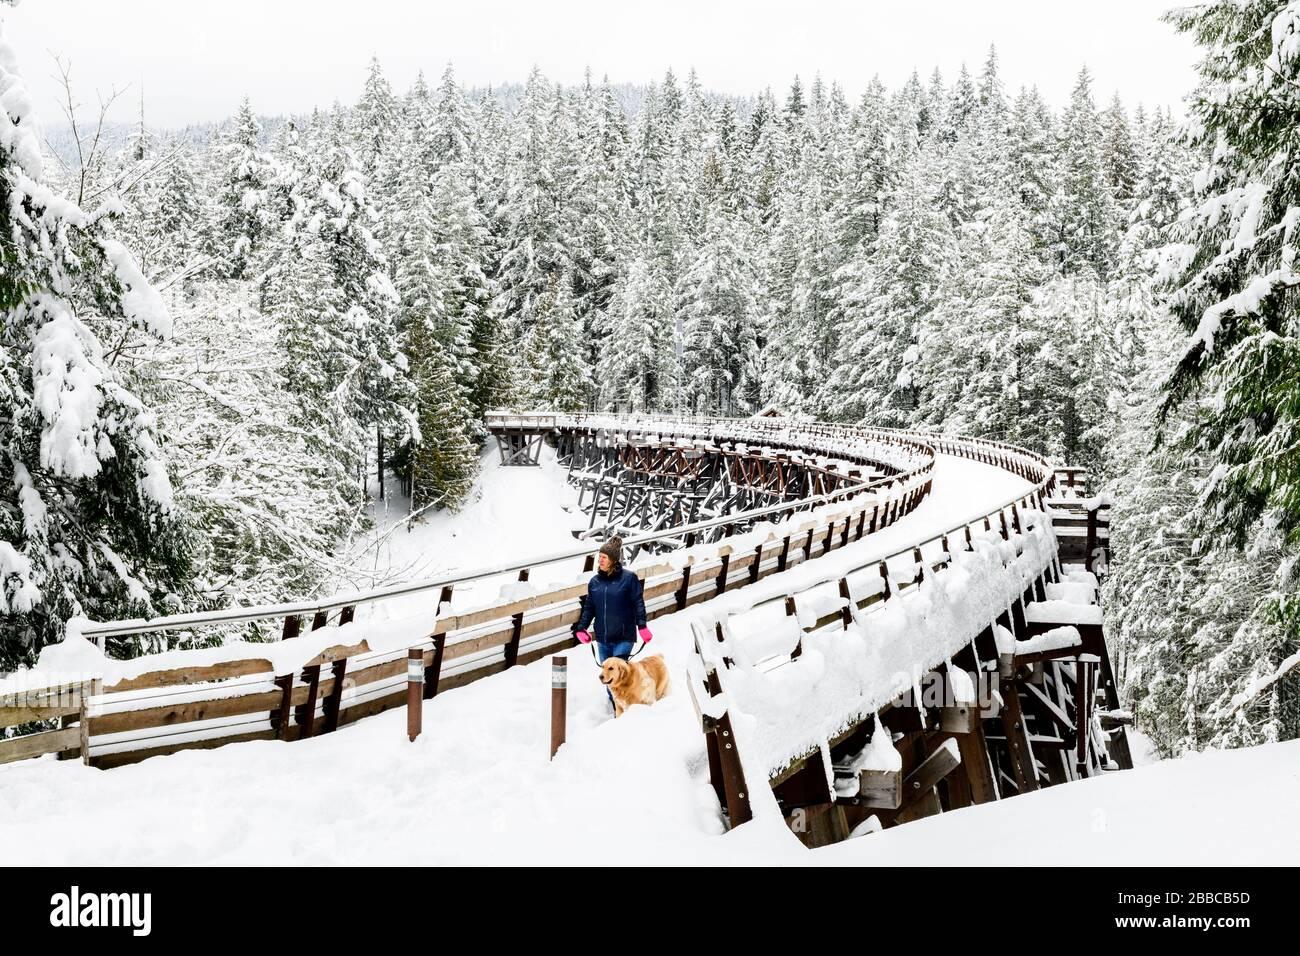 Una donna e il suo cane camminano attraverso una neve carica Kinsol Trestle vicino Shawnigan Lake, British Columbia. Foto Stock